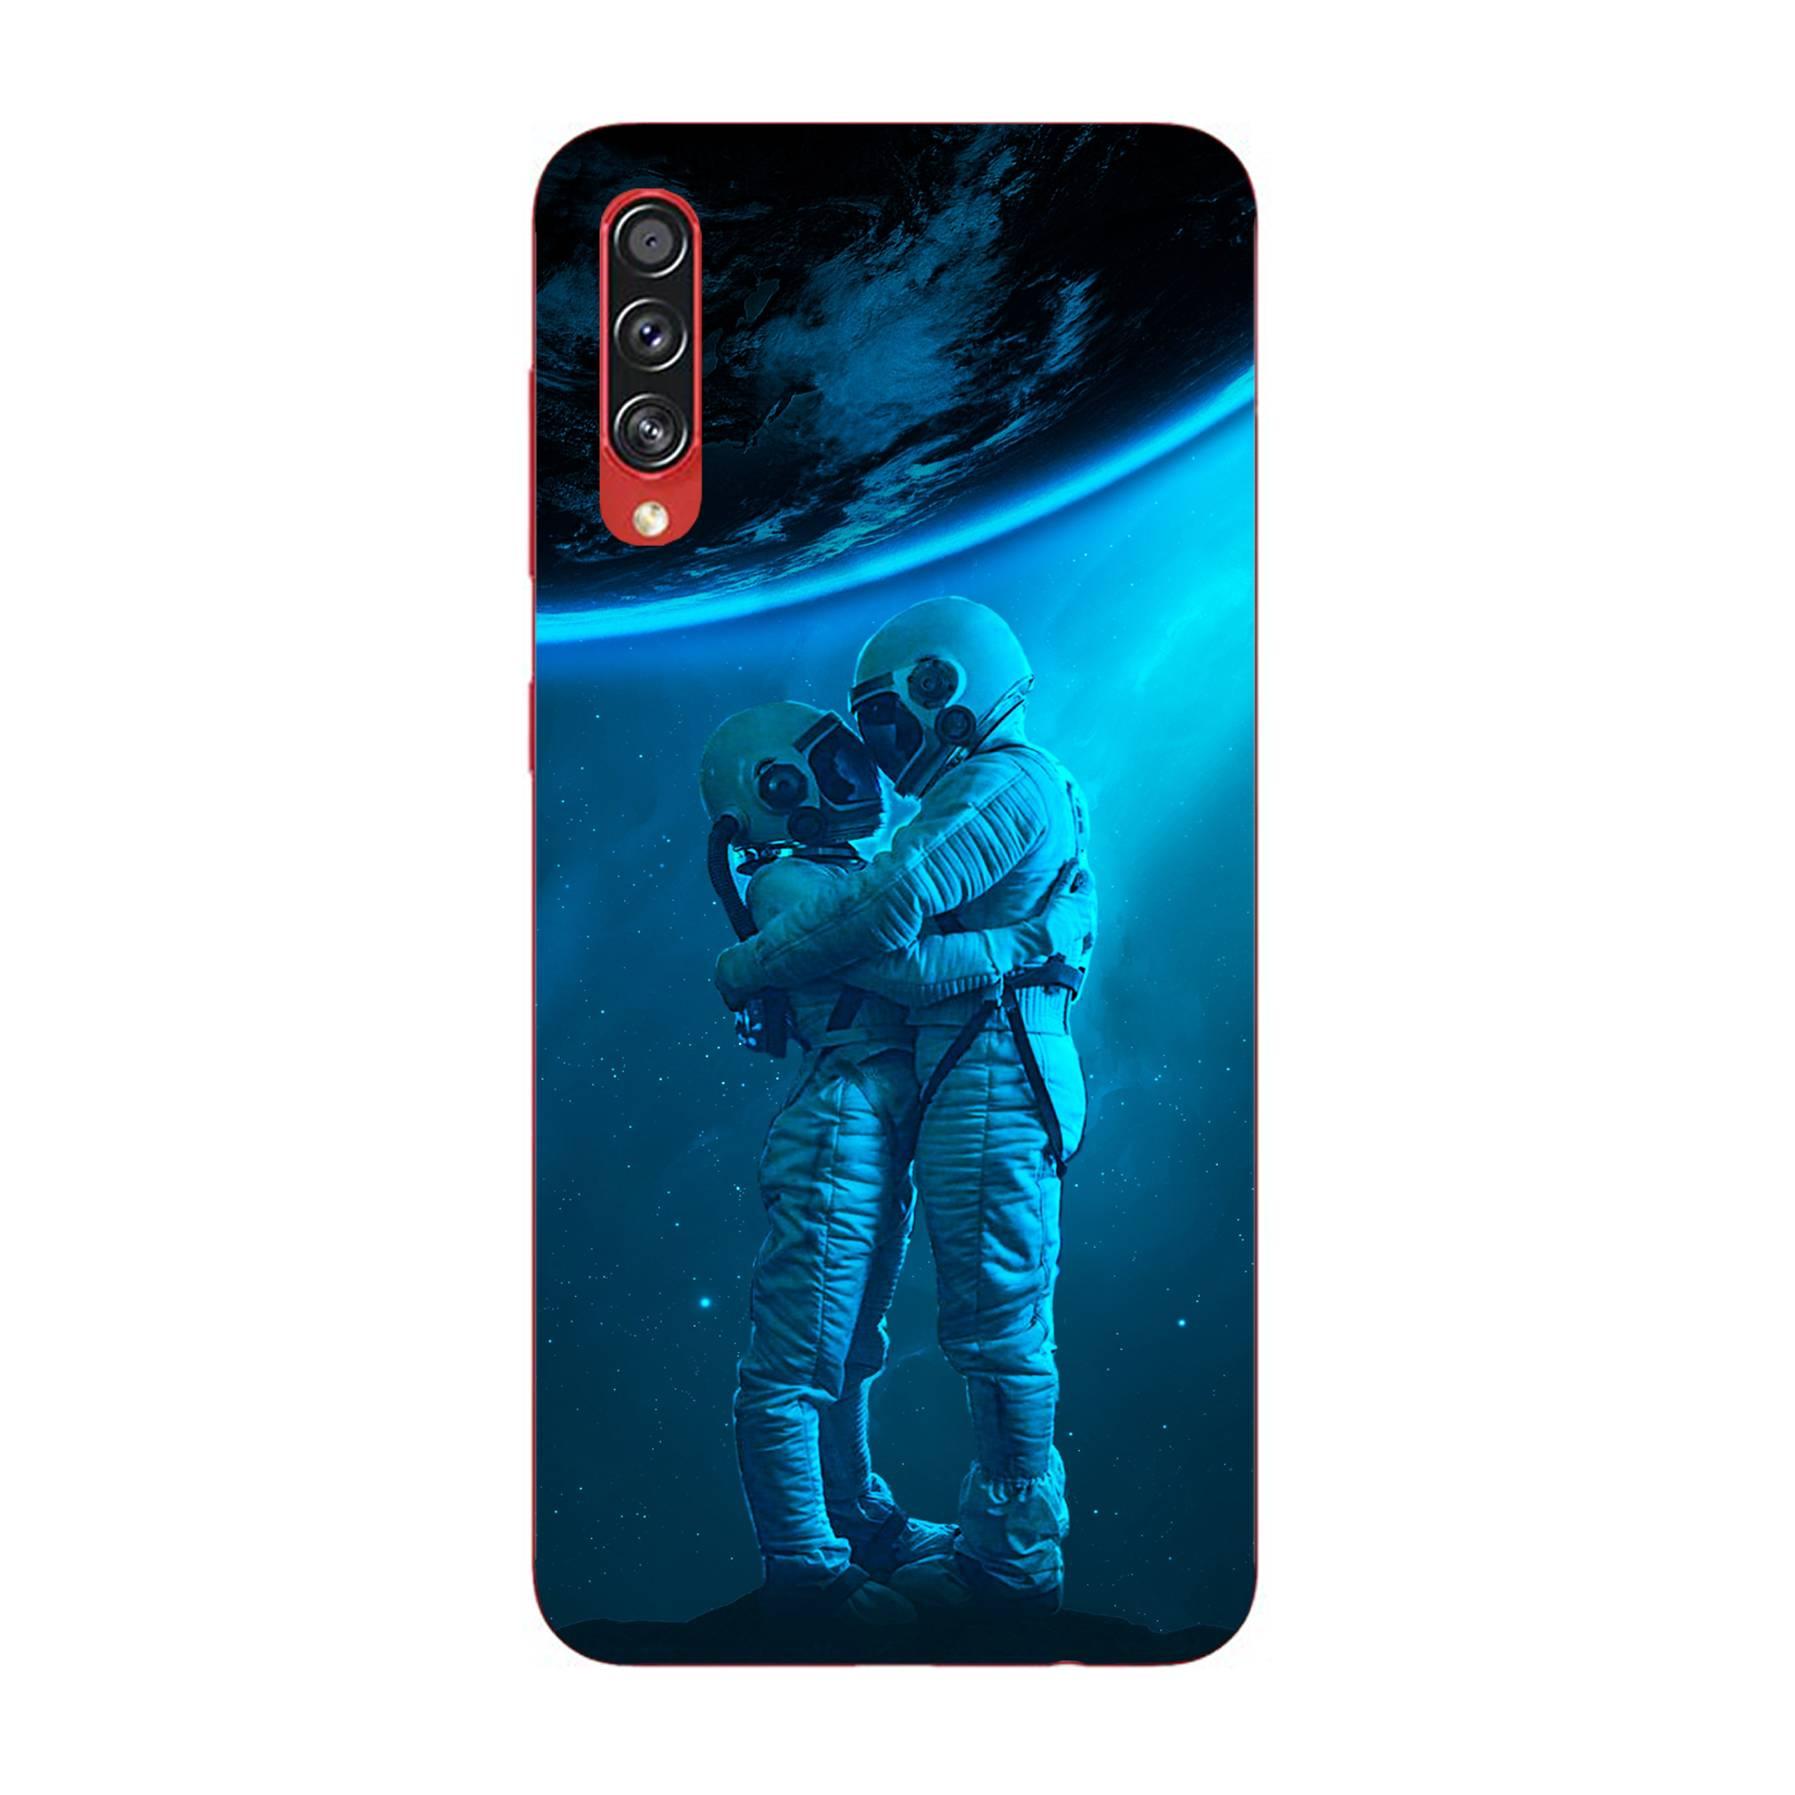 E-pic szilikon védő tok / hátlap - Szerelmes űrhajós pár mintás - SAMSUNG Galaxy A70s (SM-A707F)